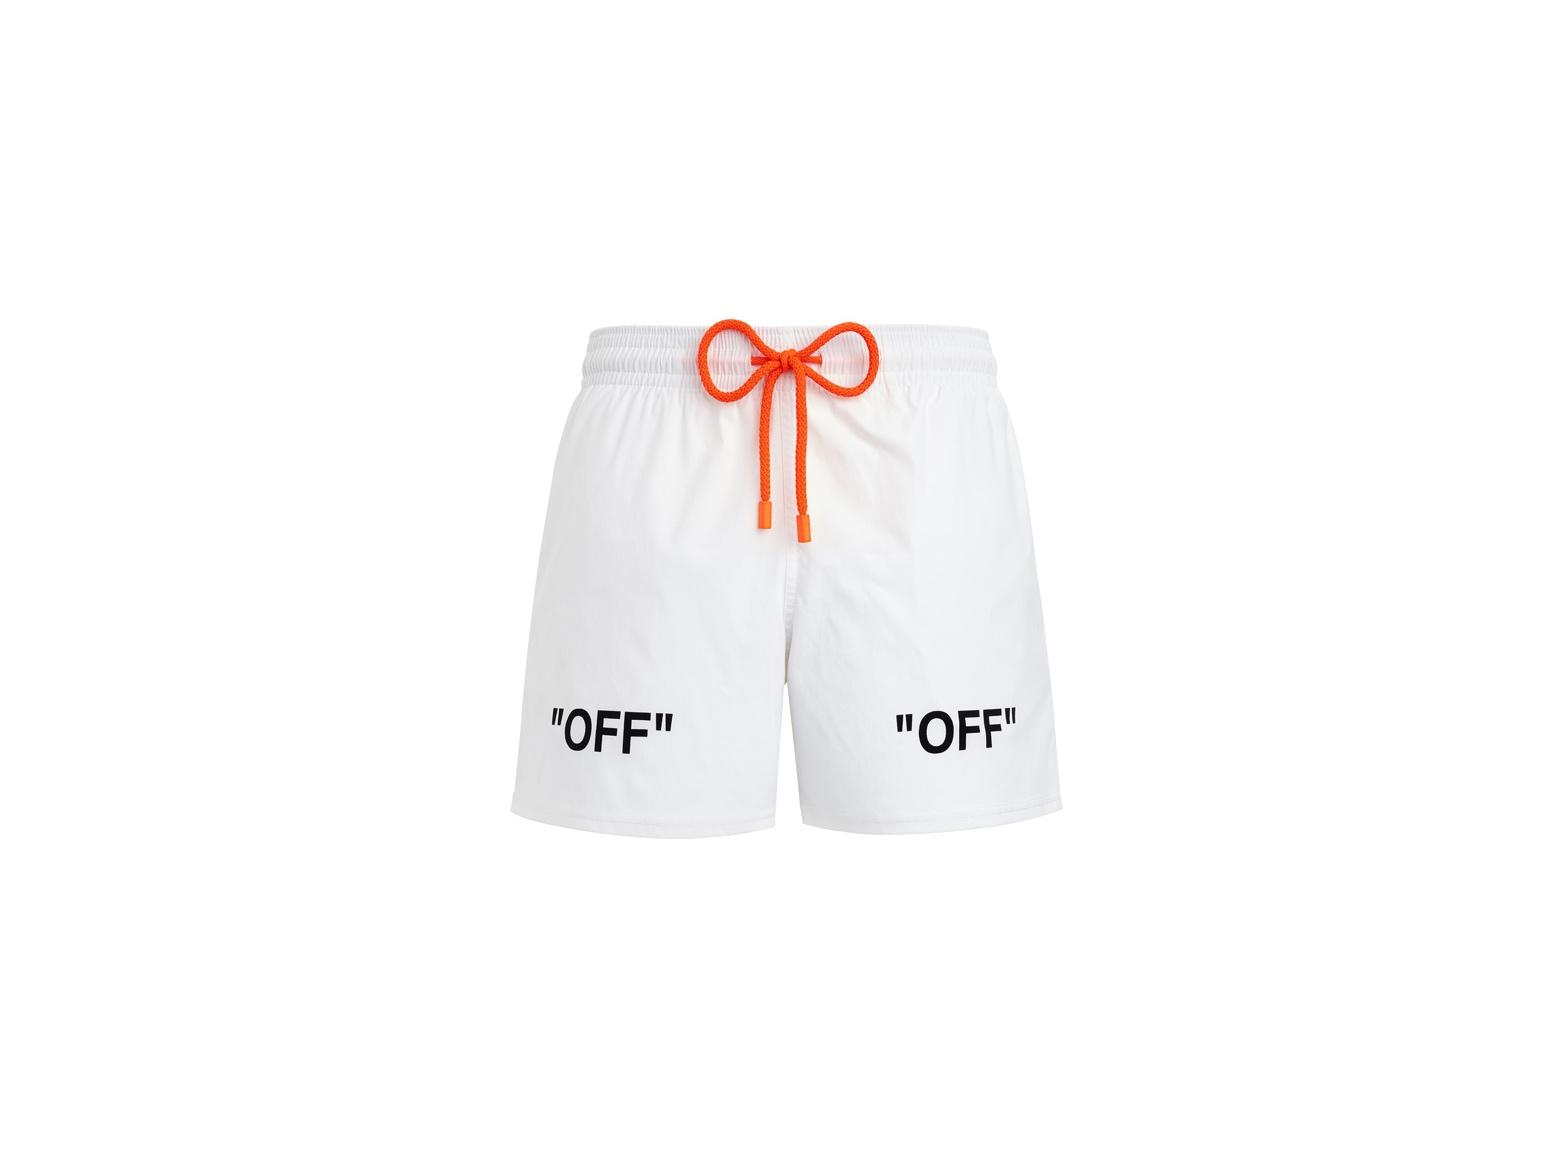 「OFF-WHITE」から新スイムウェア<br>仏ブランドとコラボレーション